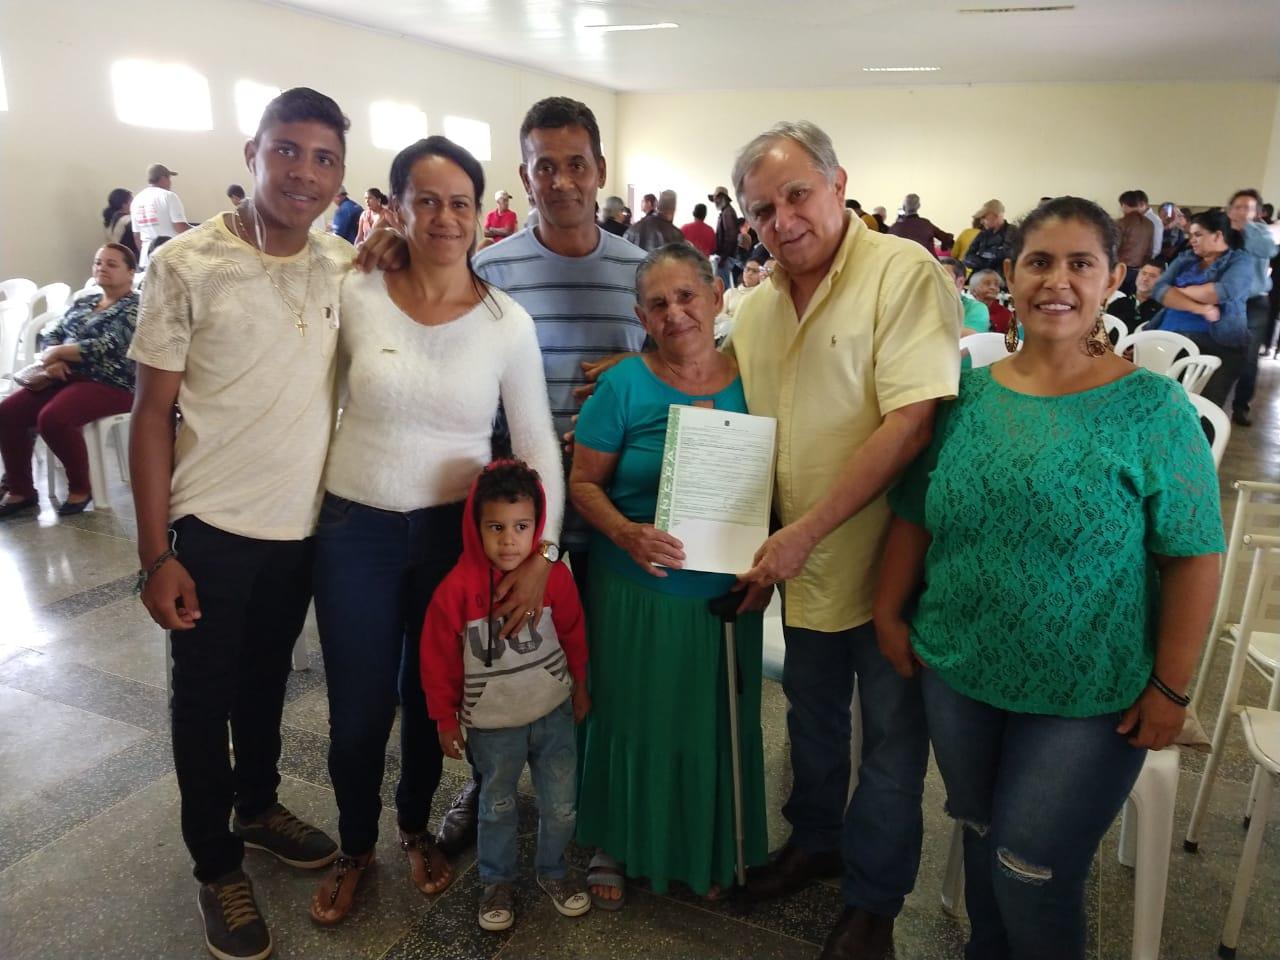 Izalci participa de entrega de escrituras a produtores rurais do Incra 09